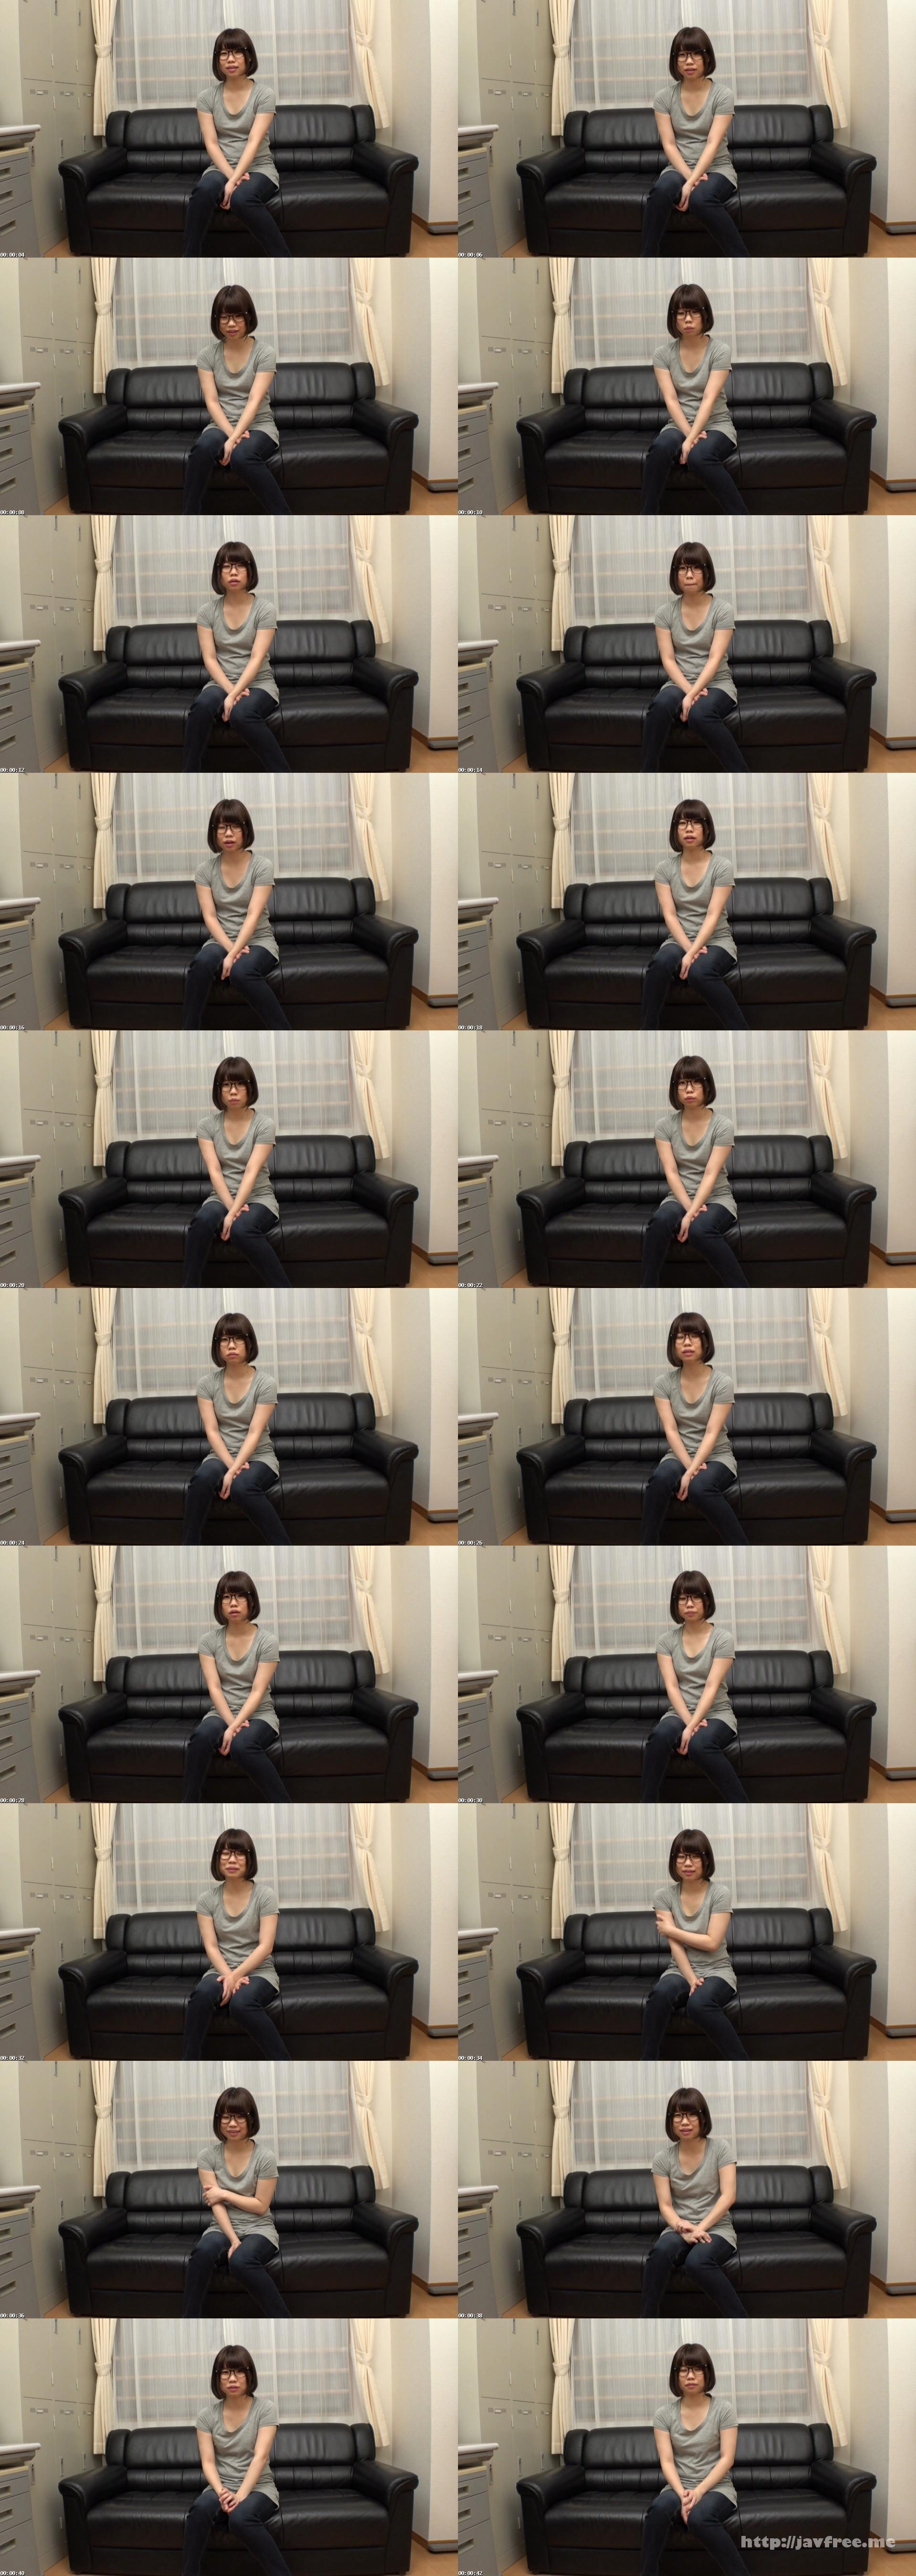 [AMBI 073] ハンバーガー屋でバイトに励むブサカワのカメラ女子学生 松浦さん AMBI